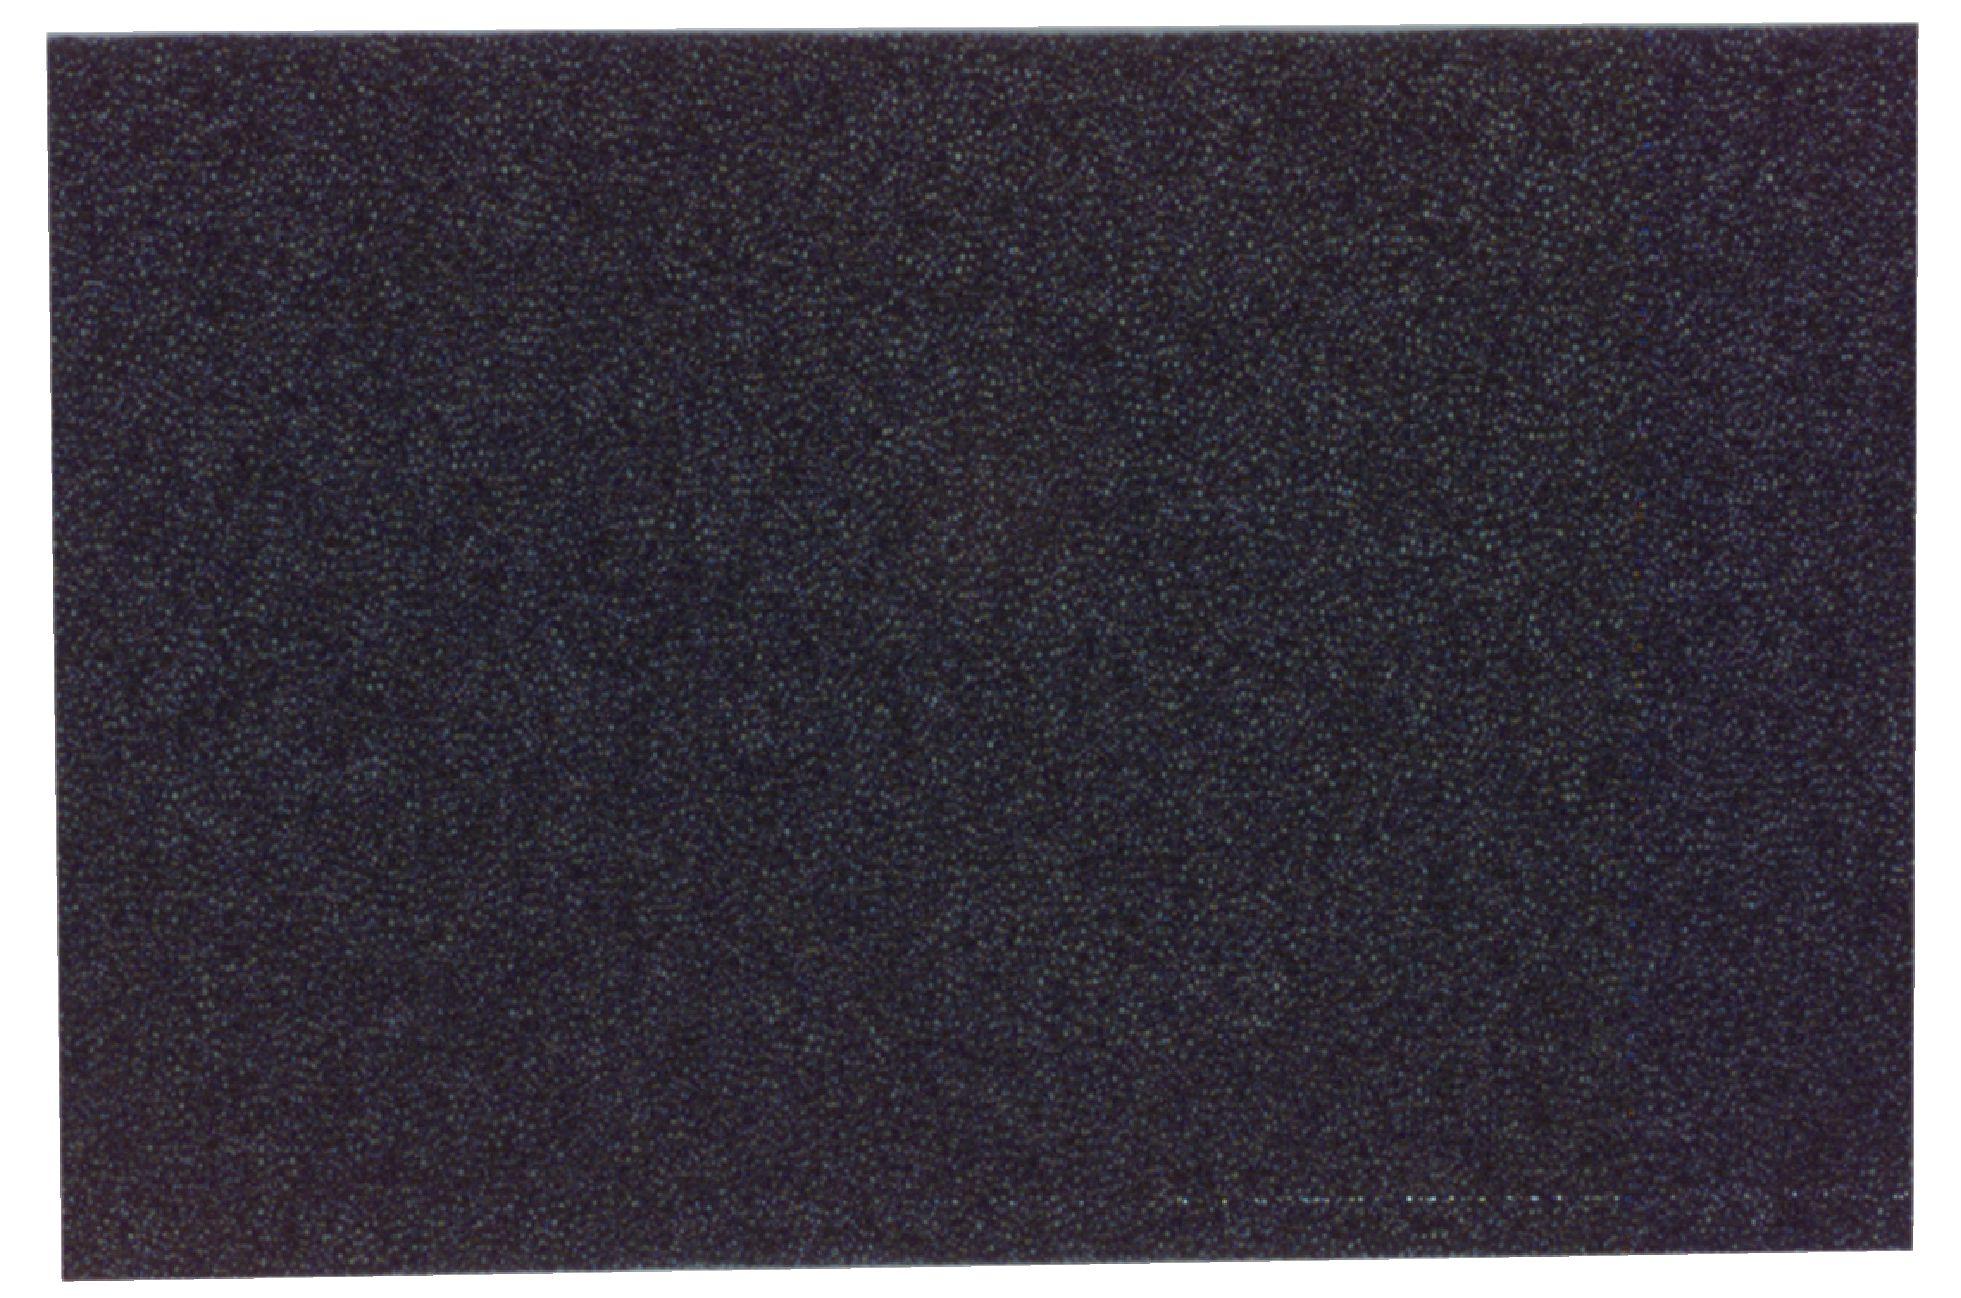 Uhlíkový filtr do digestoře 37 x 25 cm W4-49961